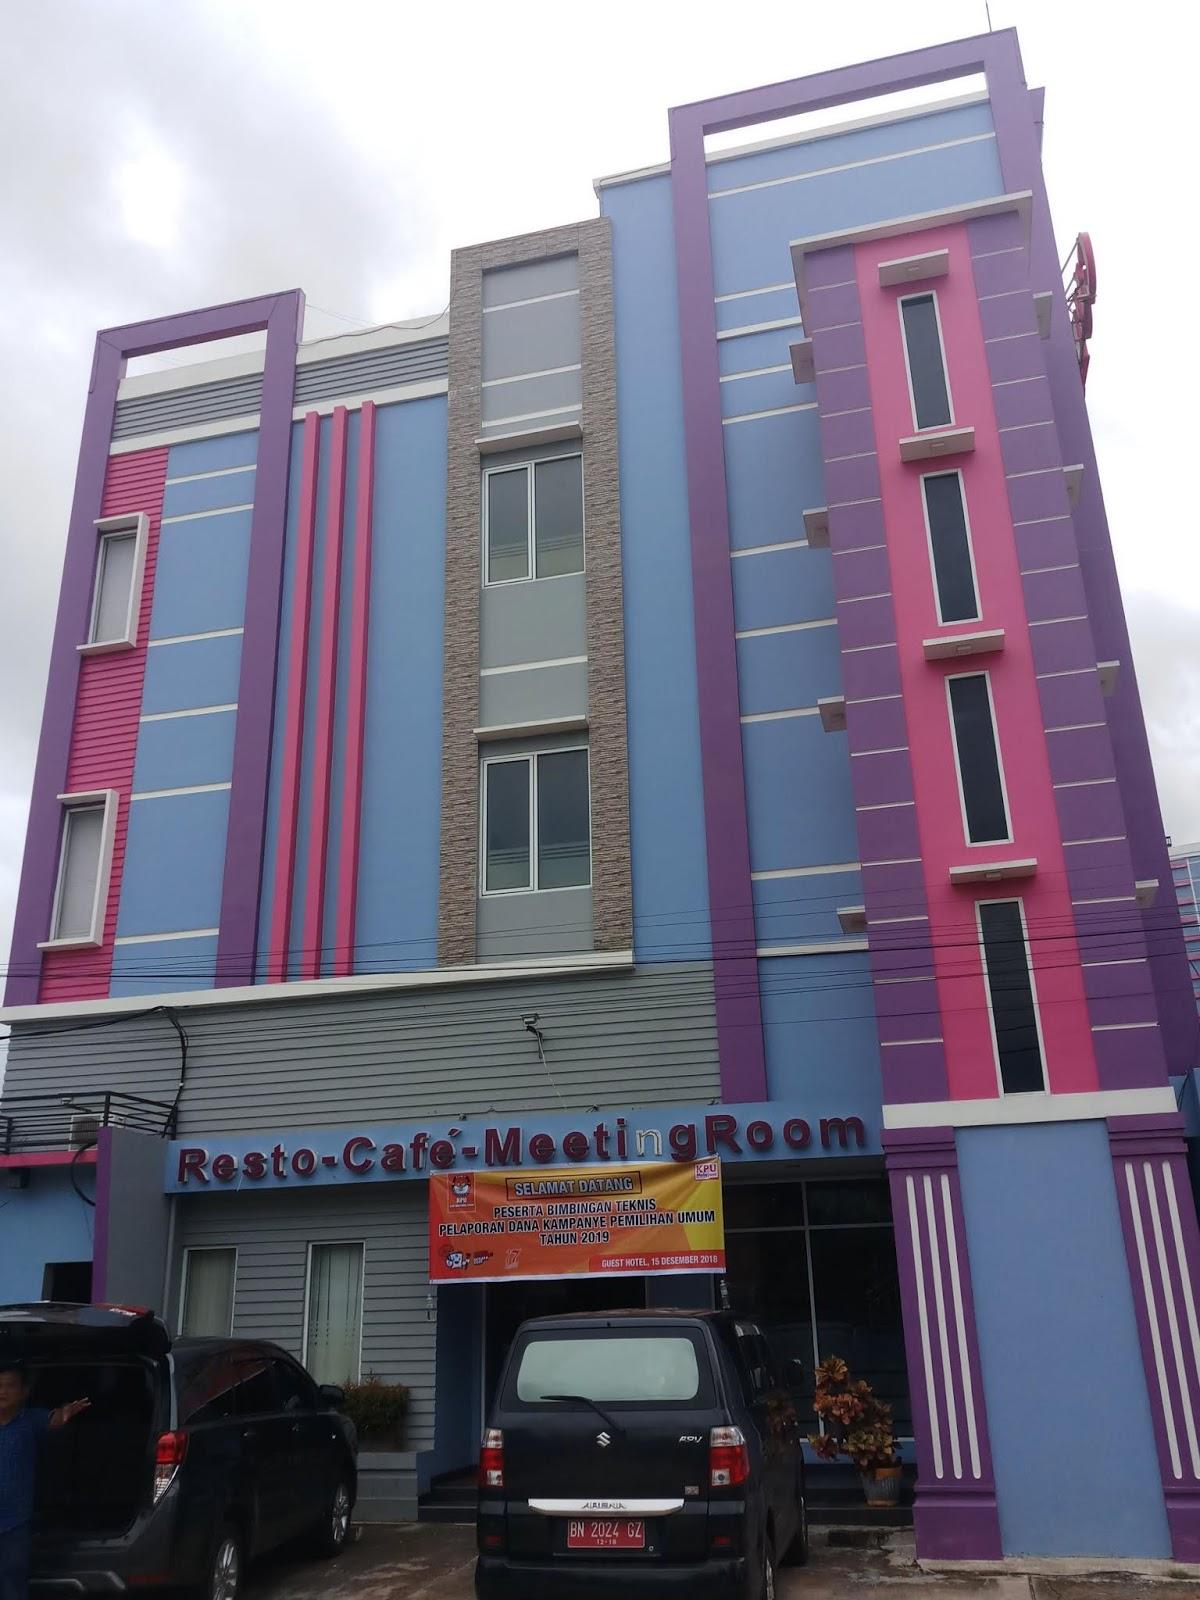 Terbukti dari tahun pengoperasian hotel dengan aksen cat warna ungu fd7df1acd9